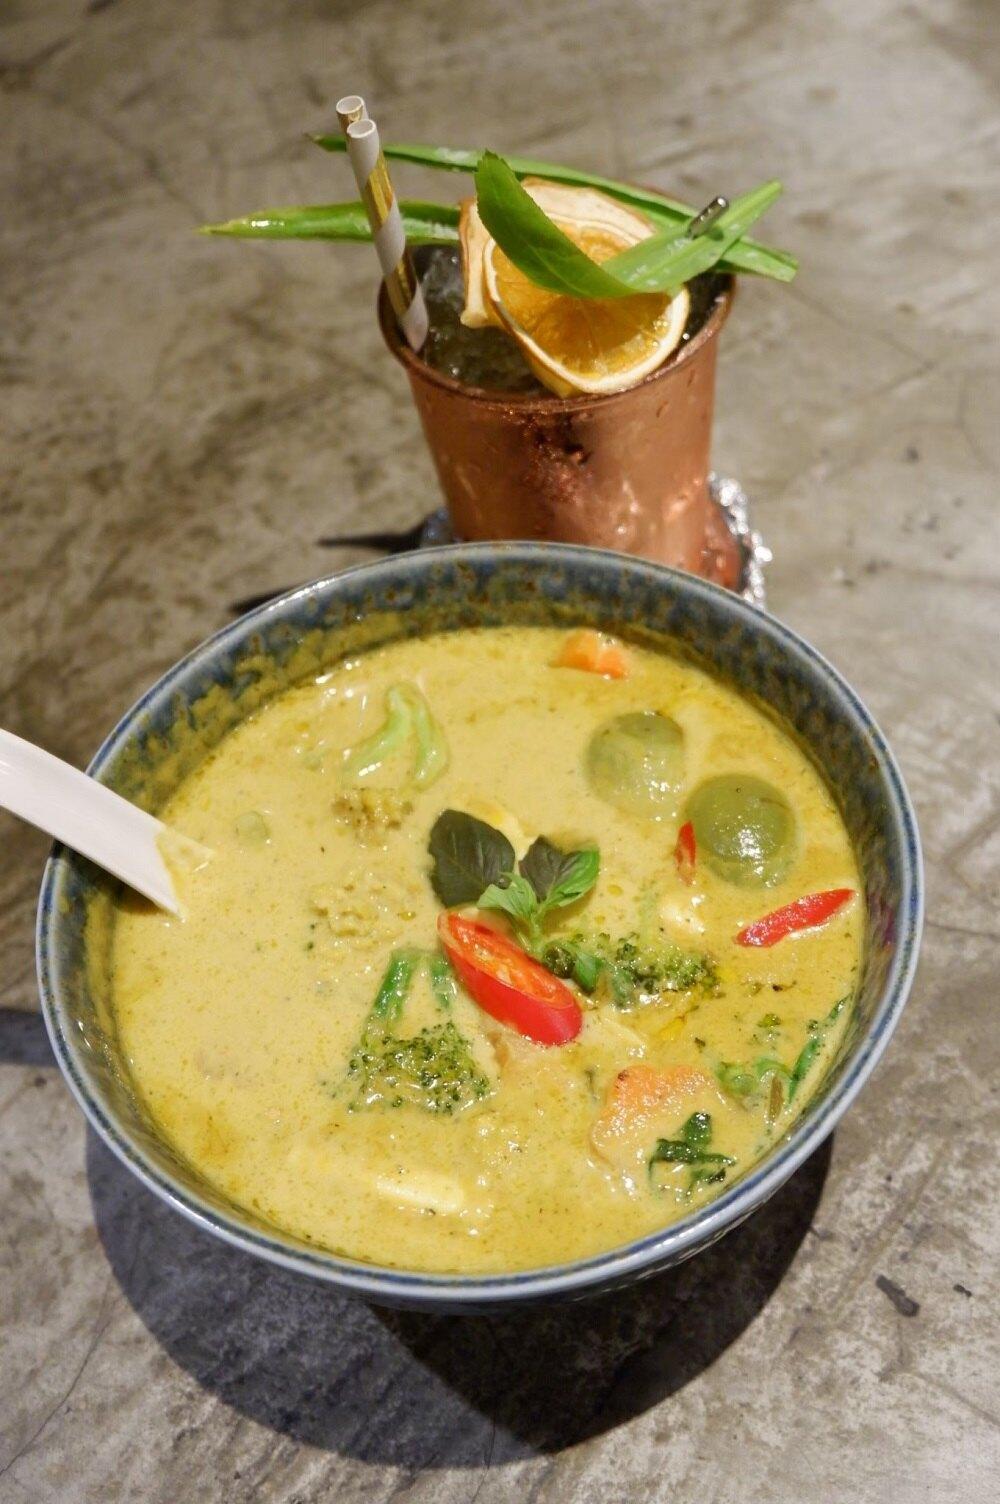 綠咖哩鮮蔬豆腐 400 g  10 g 南洋蔬食料理 素食泰國料理 即食包 冷凍食品 上班族